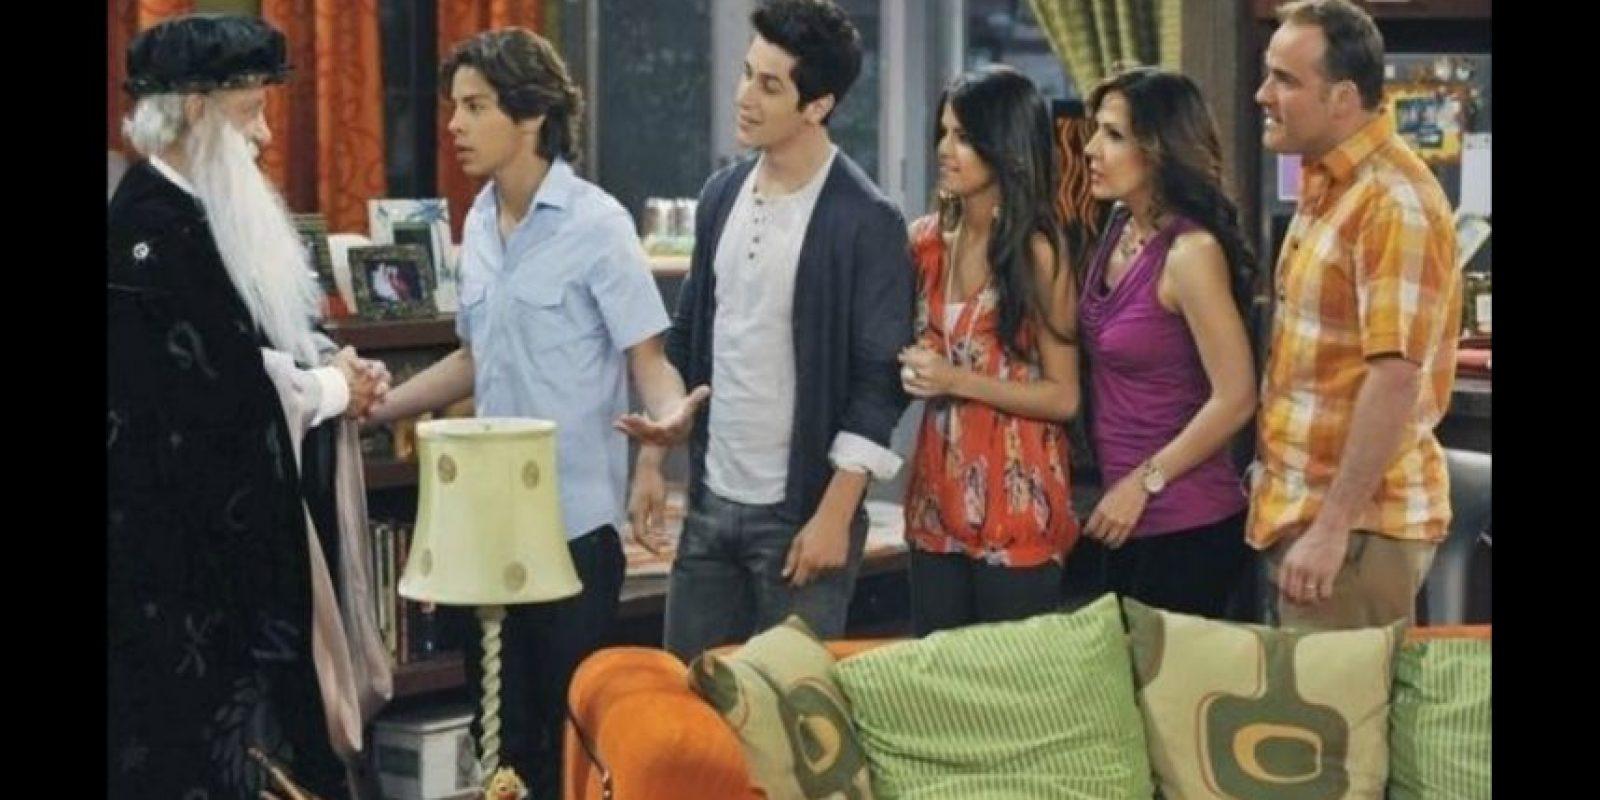 Es una serie original de Disney Channel estrenada el 12 de octubre de 2007 Foto:Disney